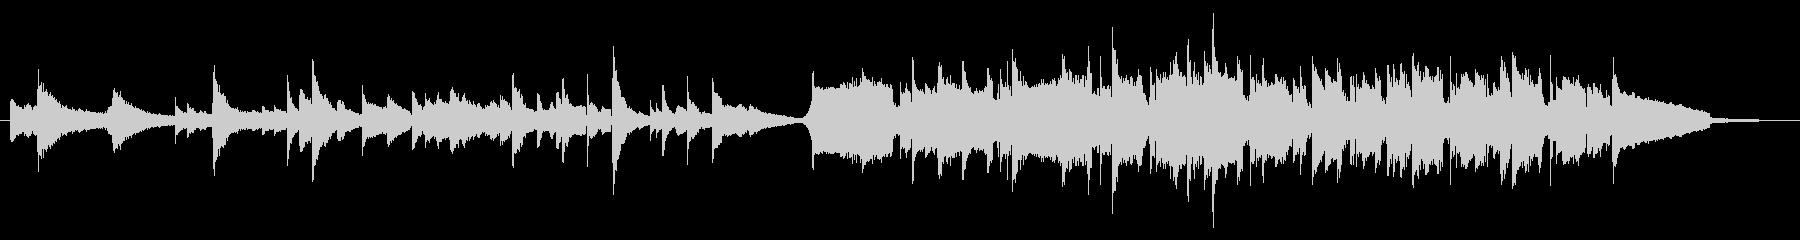 ピアノとハンドパンで奏でる水の底奥深くの未再生の波形